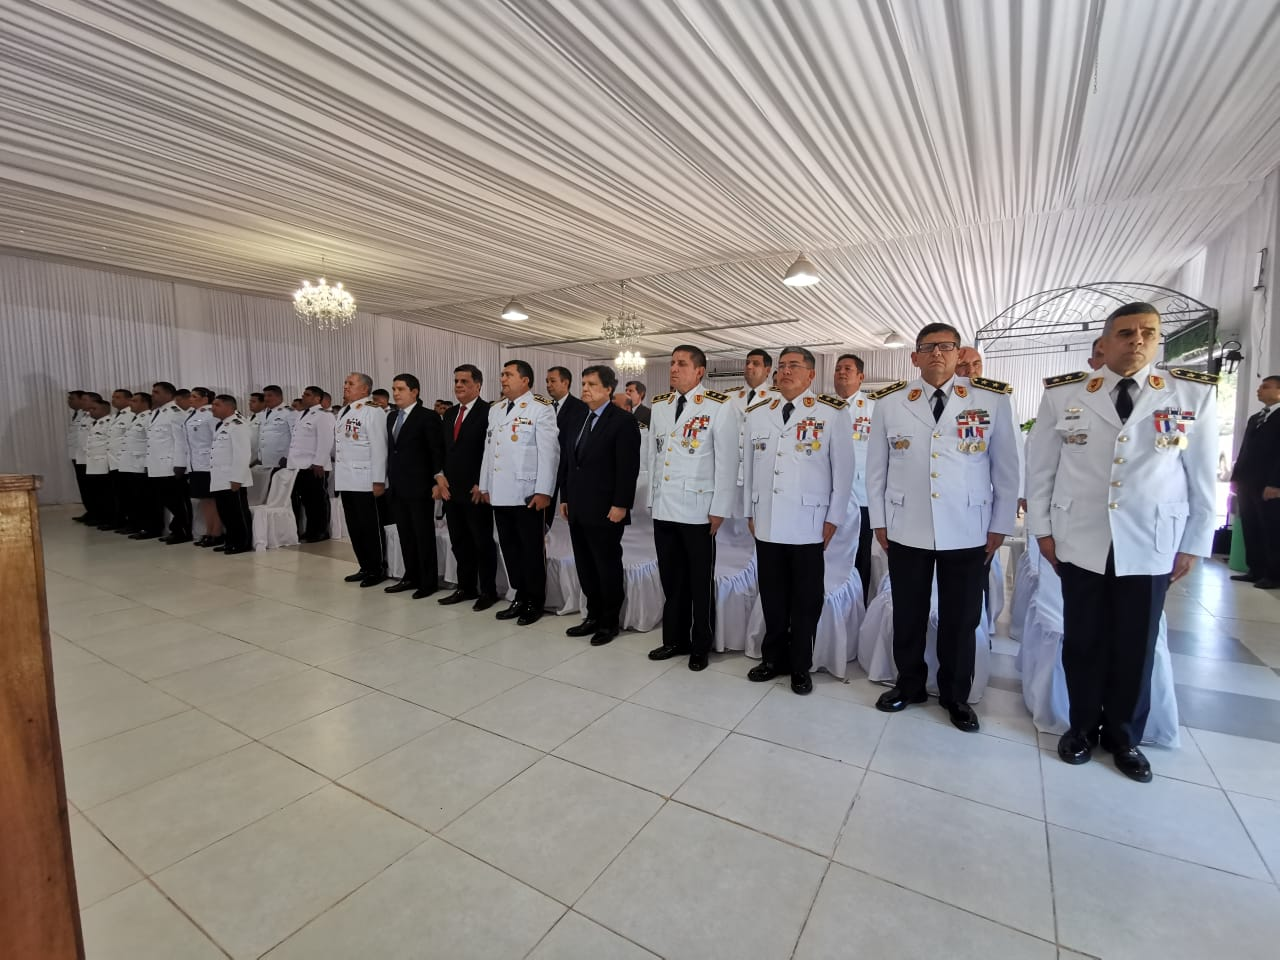 Egreso de curso de capacitación para Suboficiales, en distintas filiales